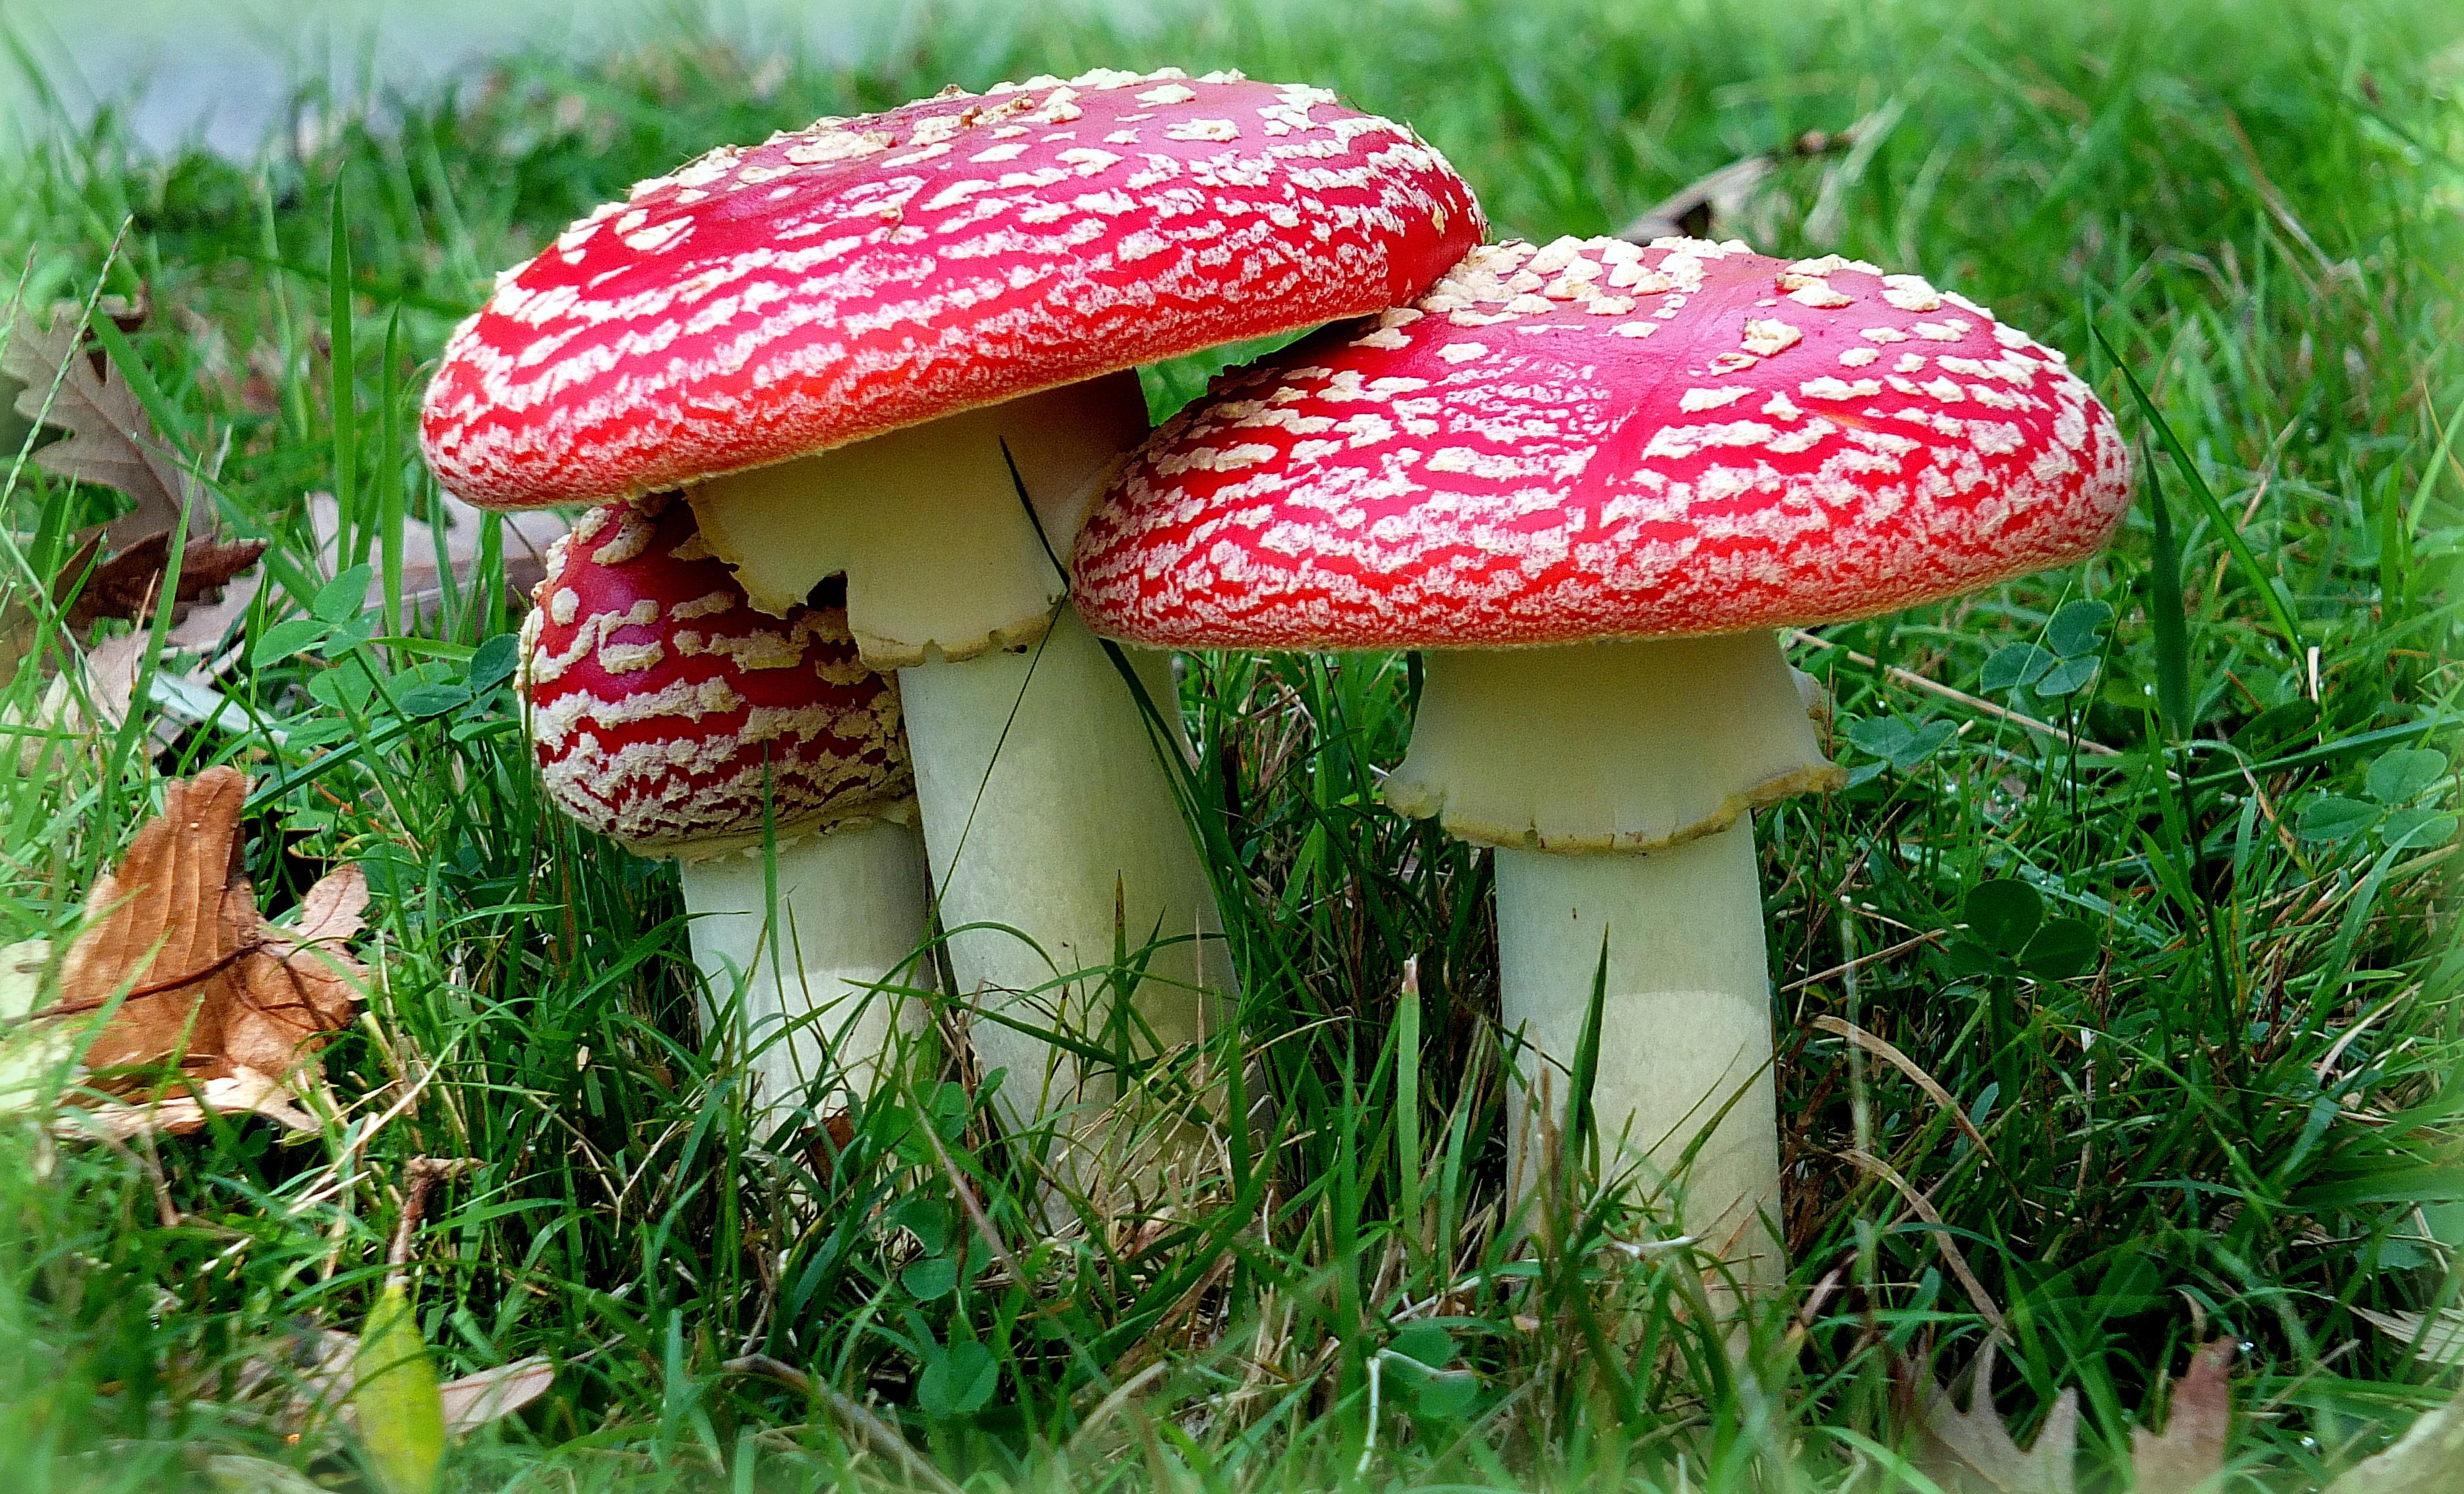 картинки грибов мухомор поганка крупные линзы